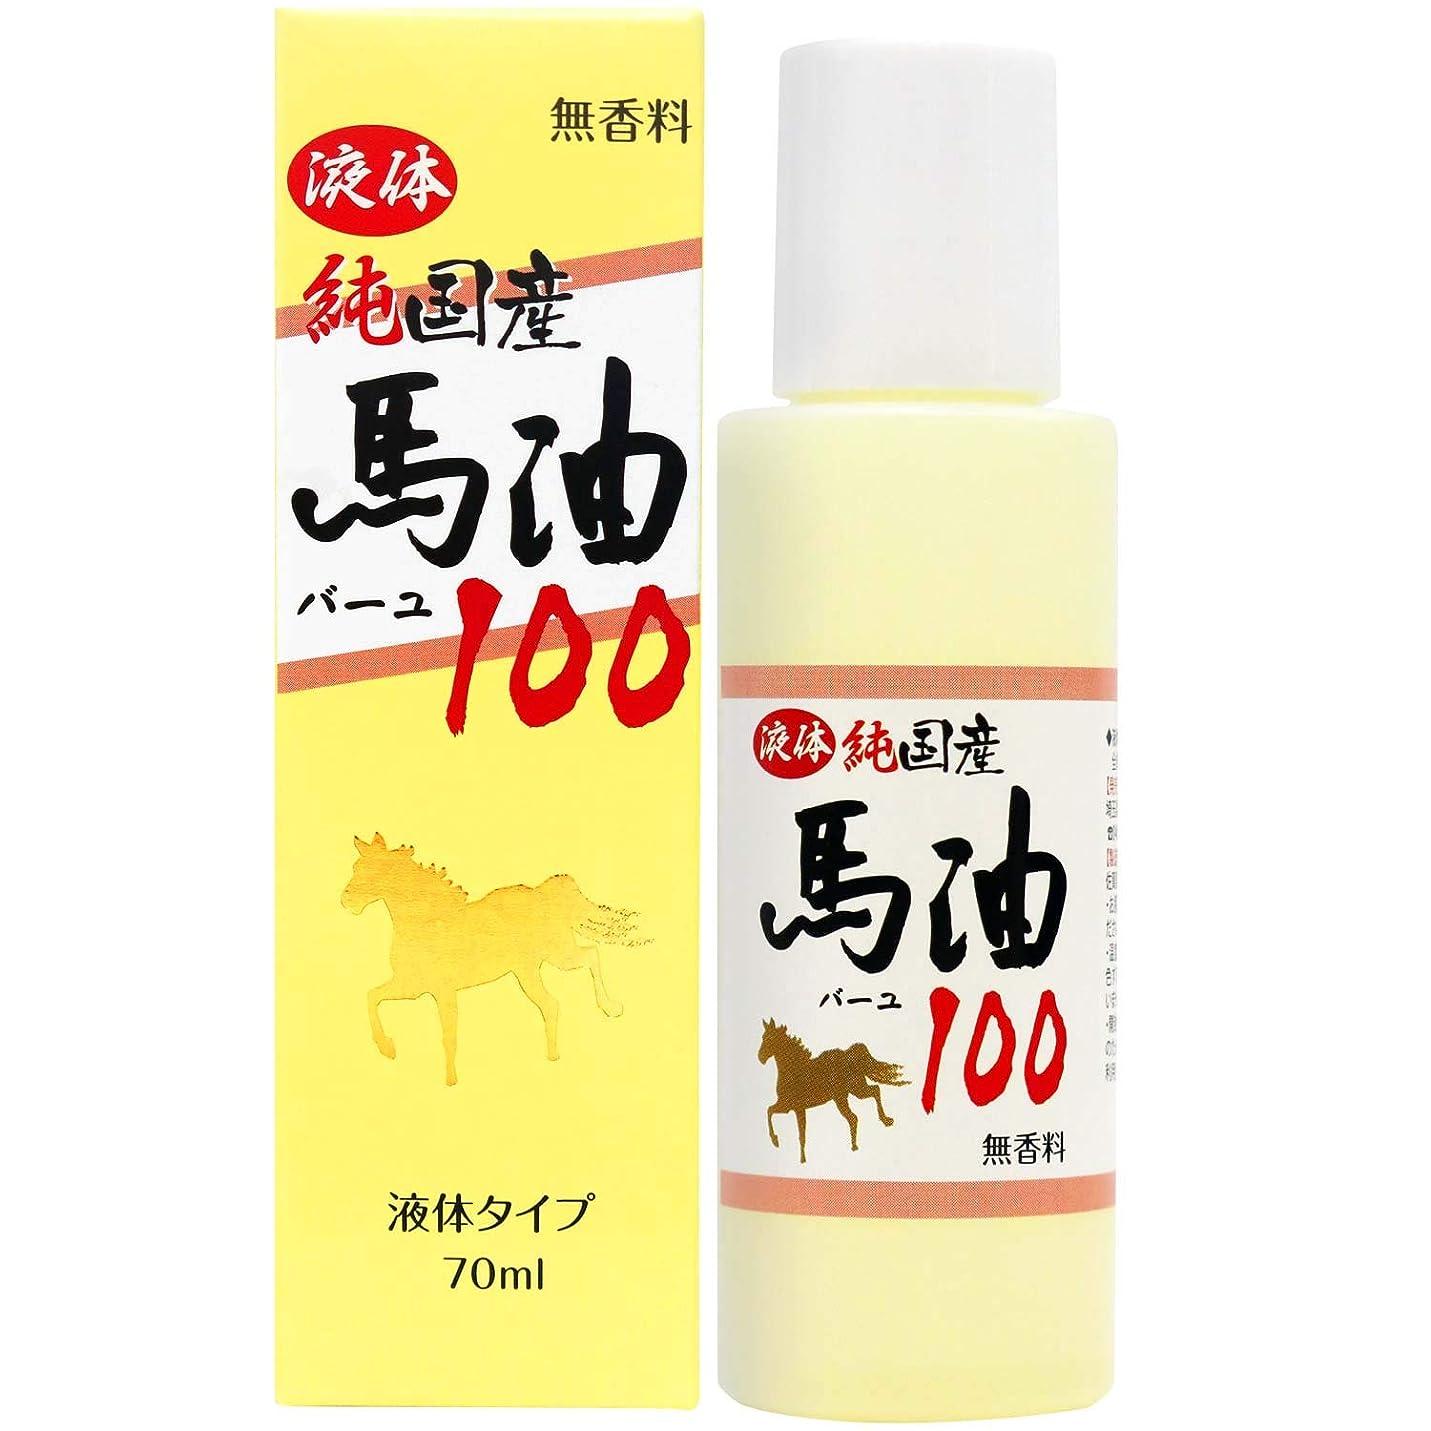 マイクやる素子ユウキ製薬 液体純国産馬油100 70ml